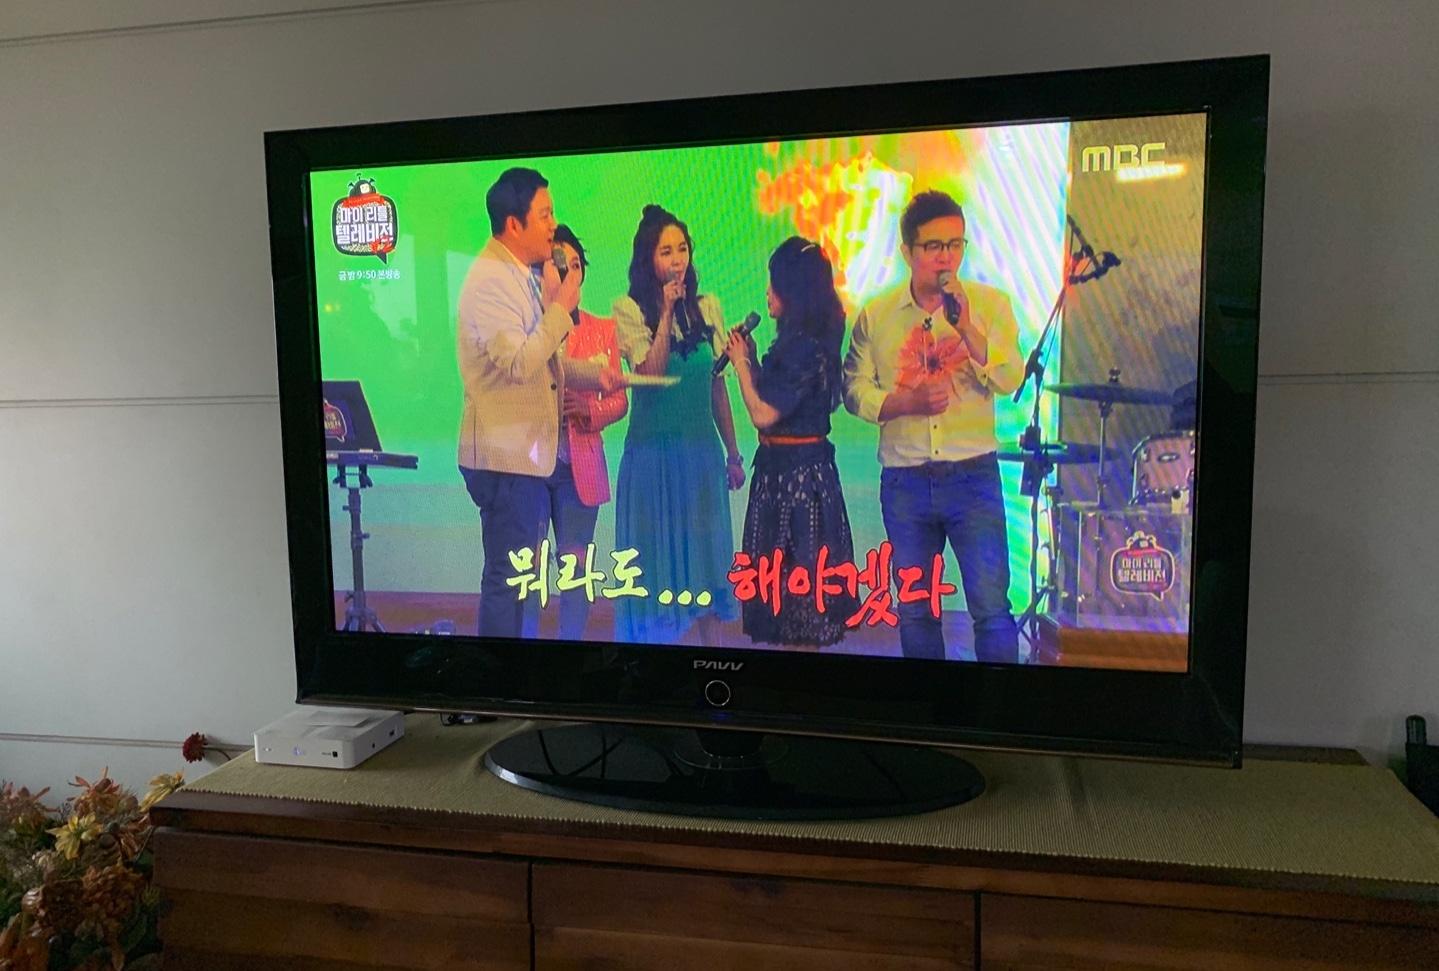 TV 팝니다 삼성 50인치 PDP